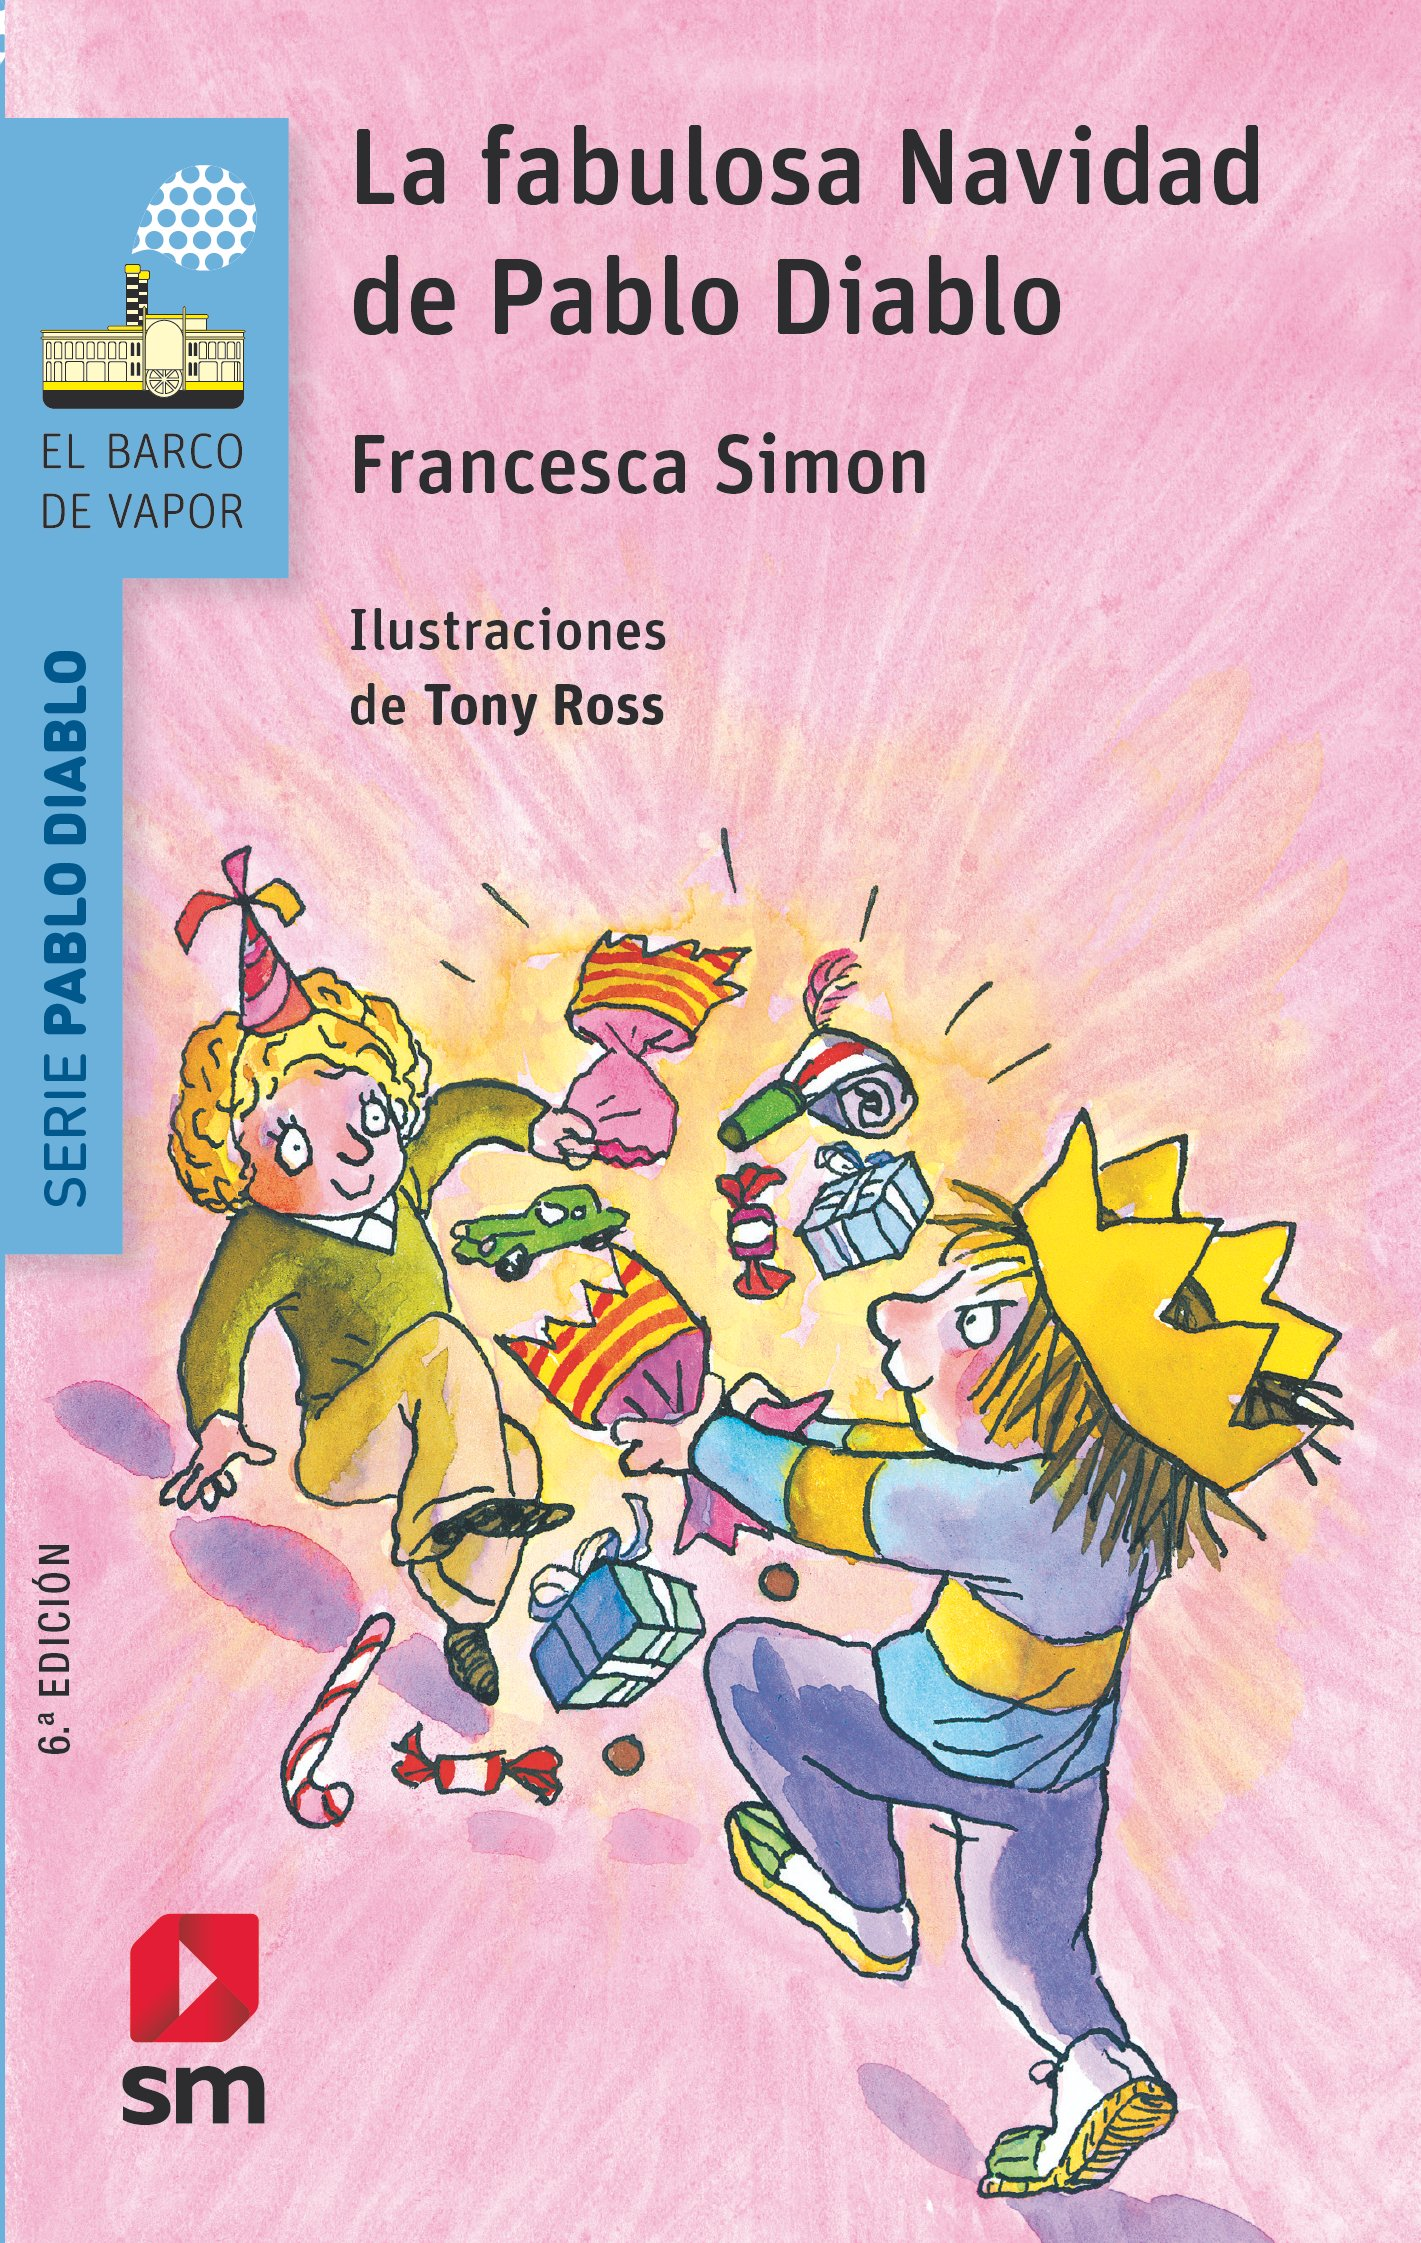 La fabulosa Navidad de Pablo Diablo El Barco de Vapor Azul: Amazon.es: Simon, Francesca, Ross, Tony, Azaola, Miguel: Libros